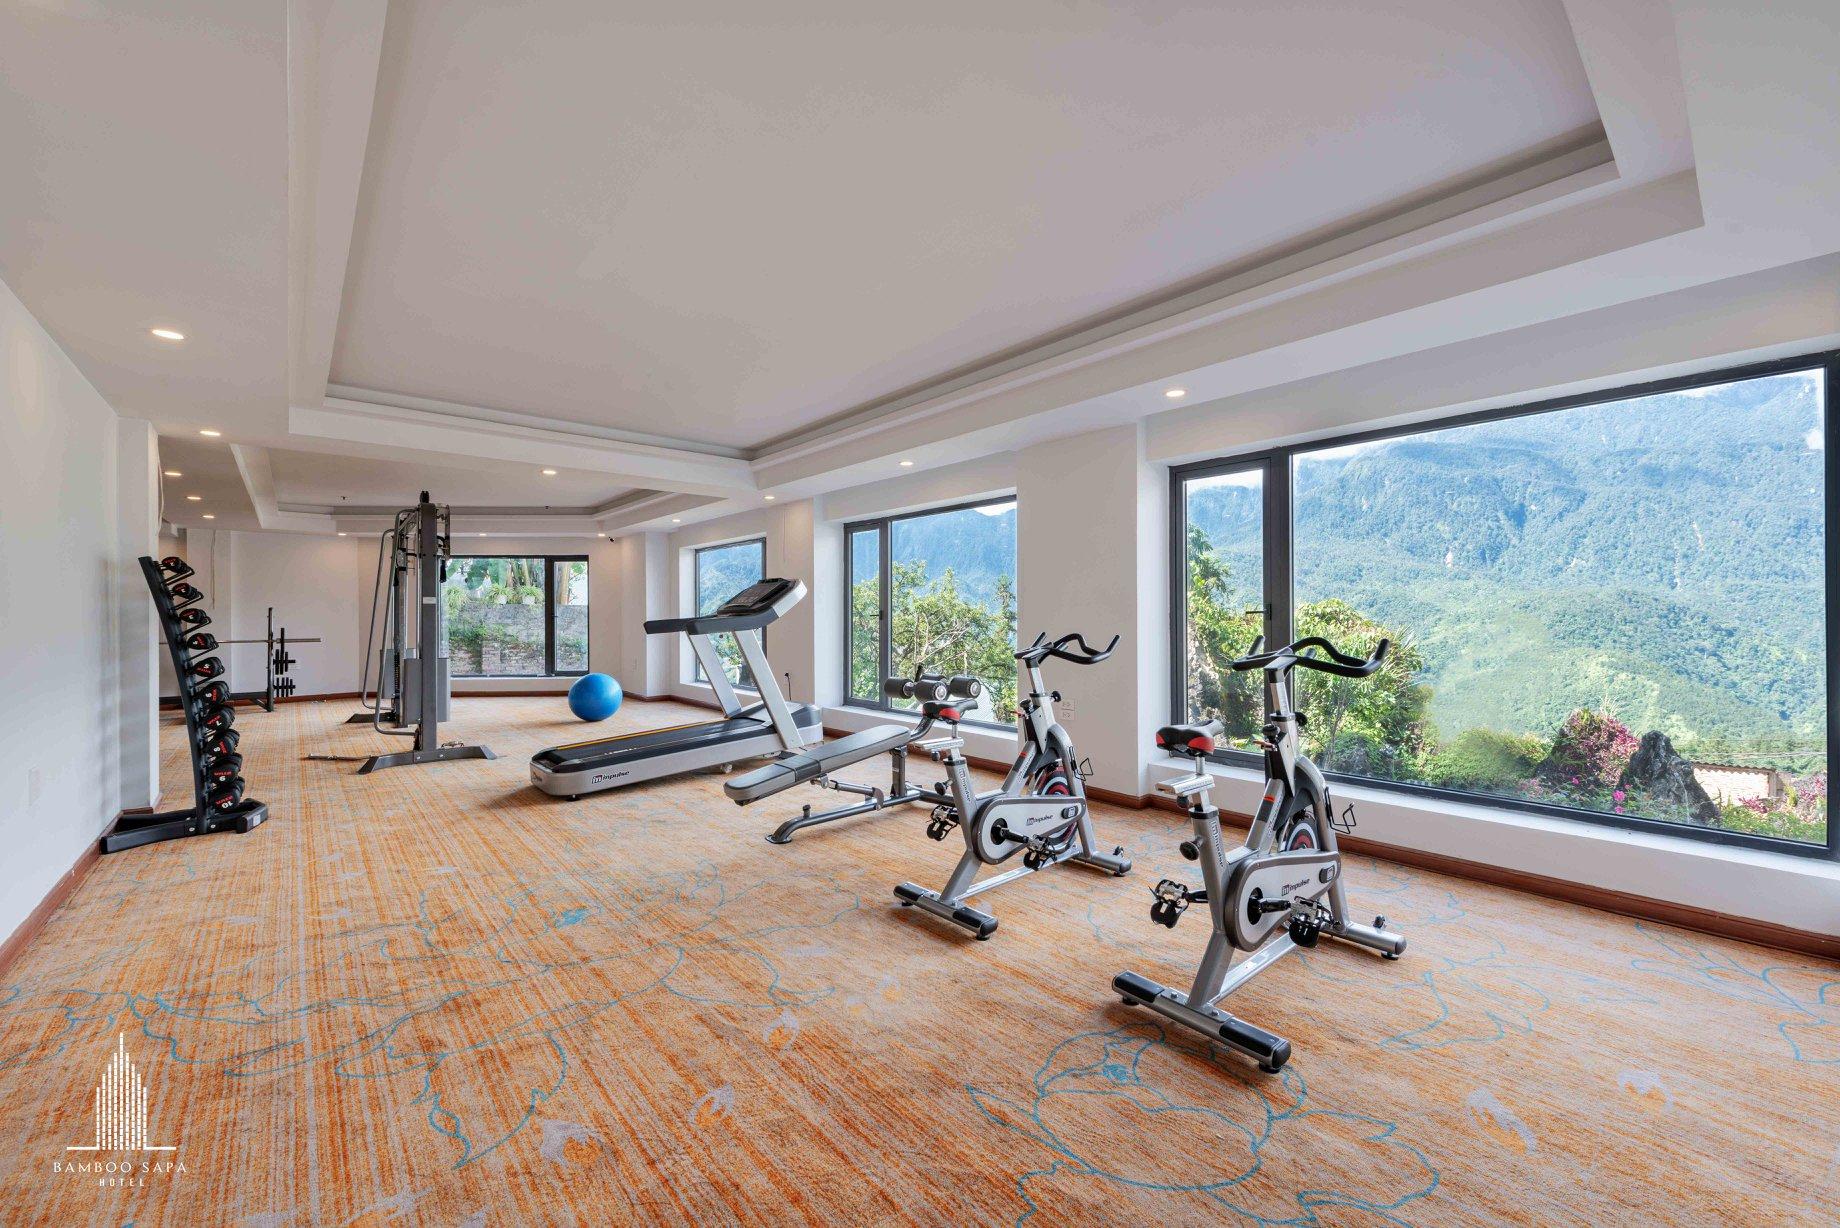 Phòng gym với trang thiết bị hiện đại tại Bamboo Sapa hotel - Nguồn ảnh: @bamboosapahotel